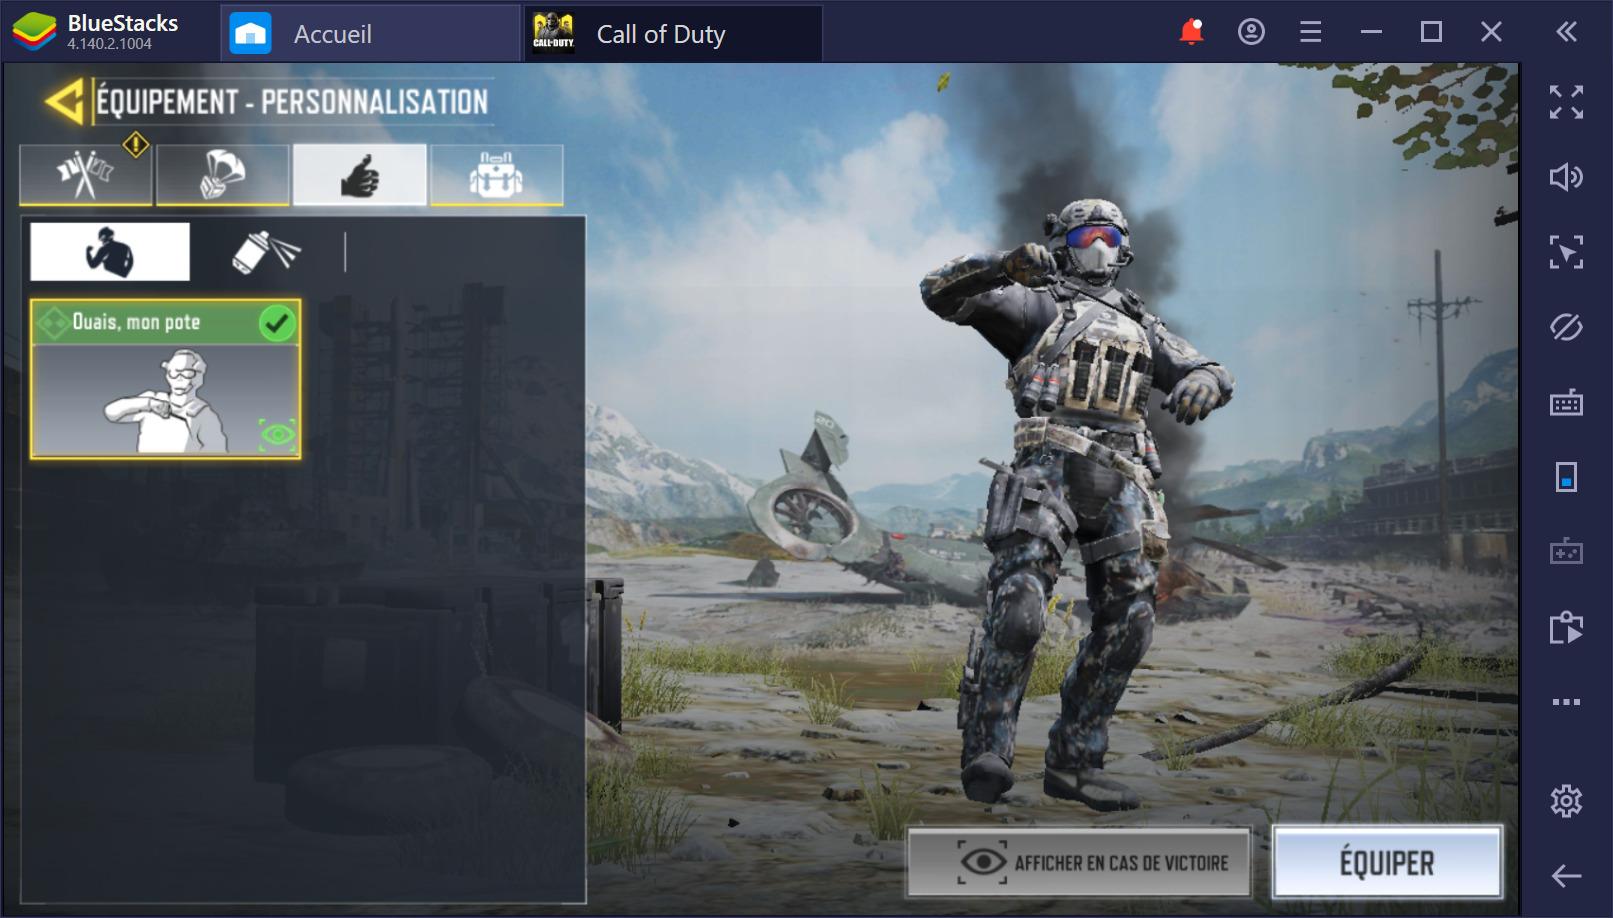 Call of Duty (CoD) Mobile sur PC débarque sur BlueStacks